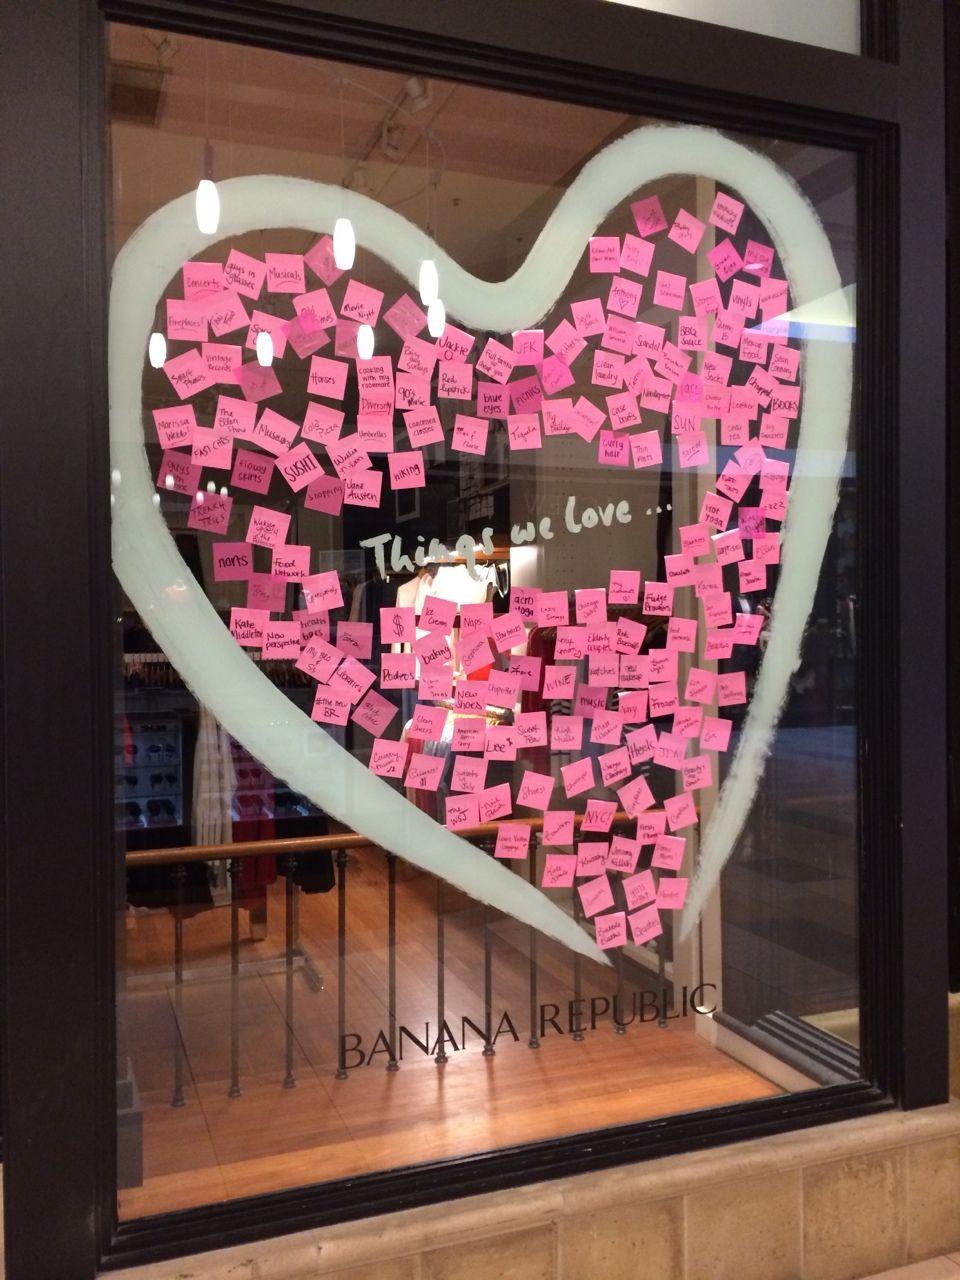 Geräumig Schaufensterdekoration Beispiele Foto Von Valentine